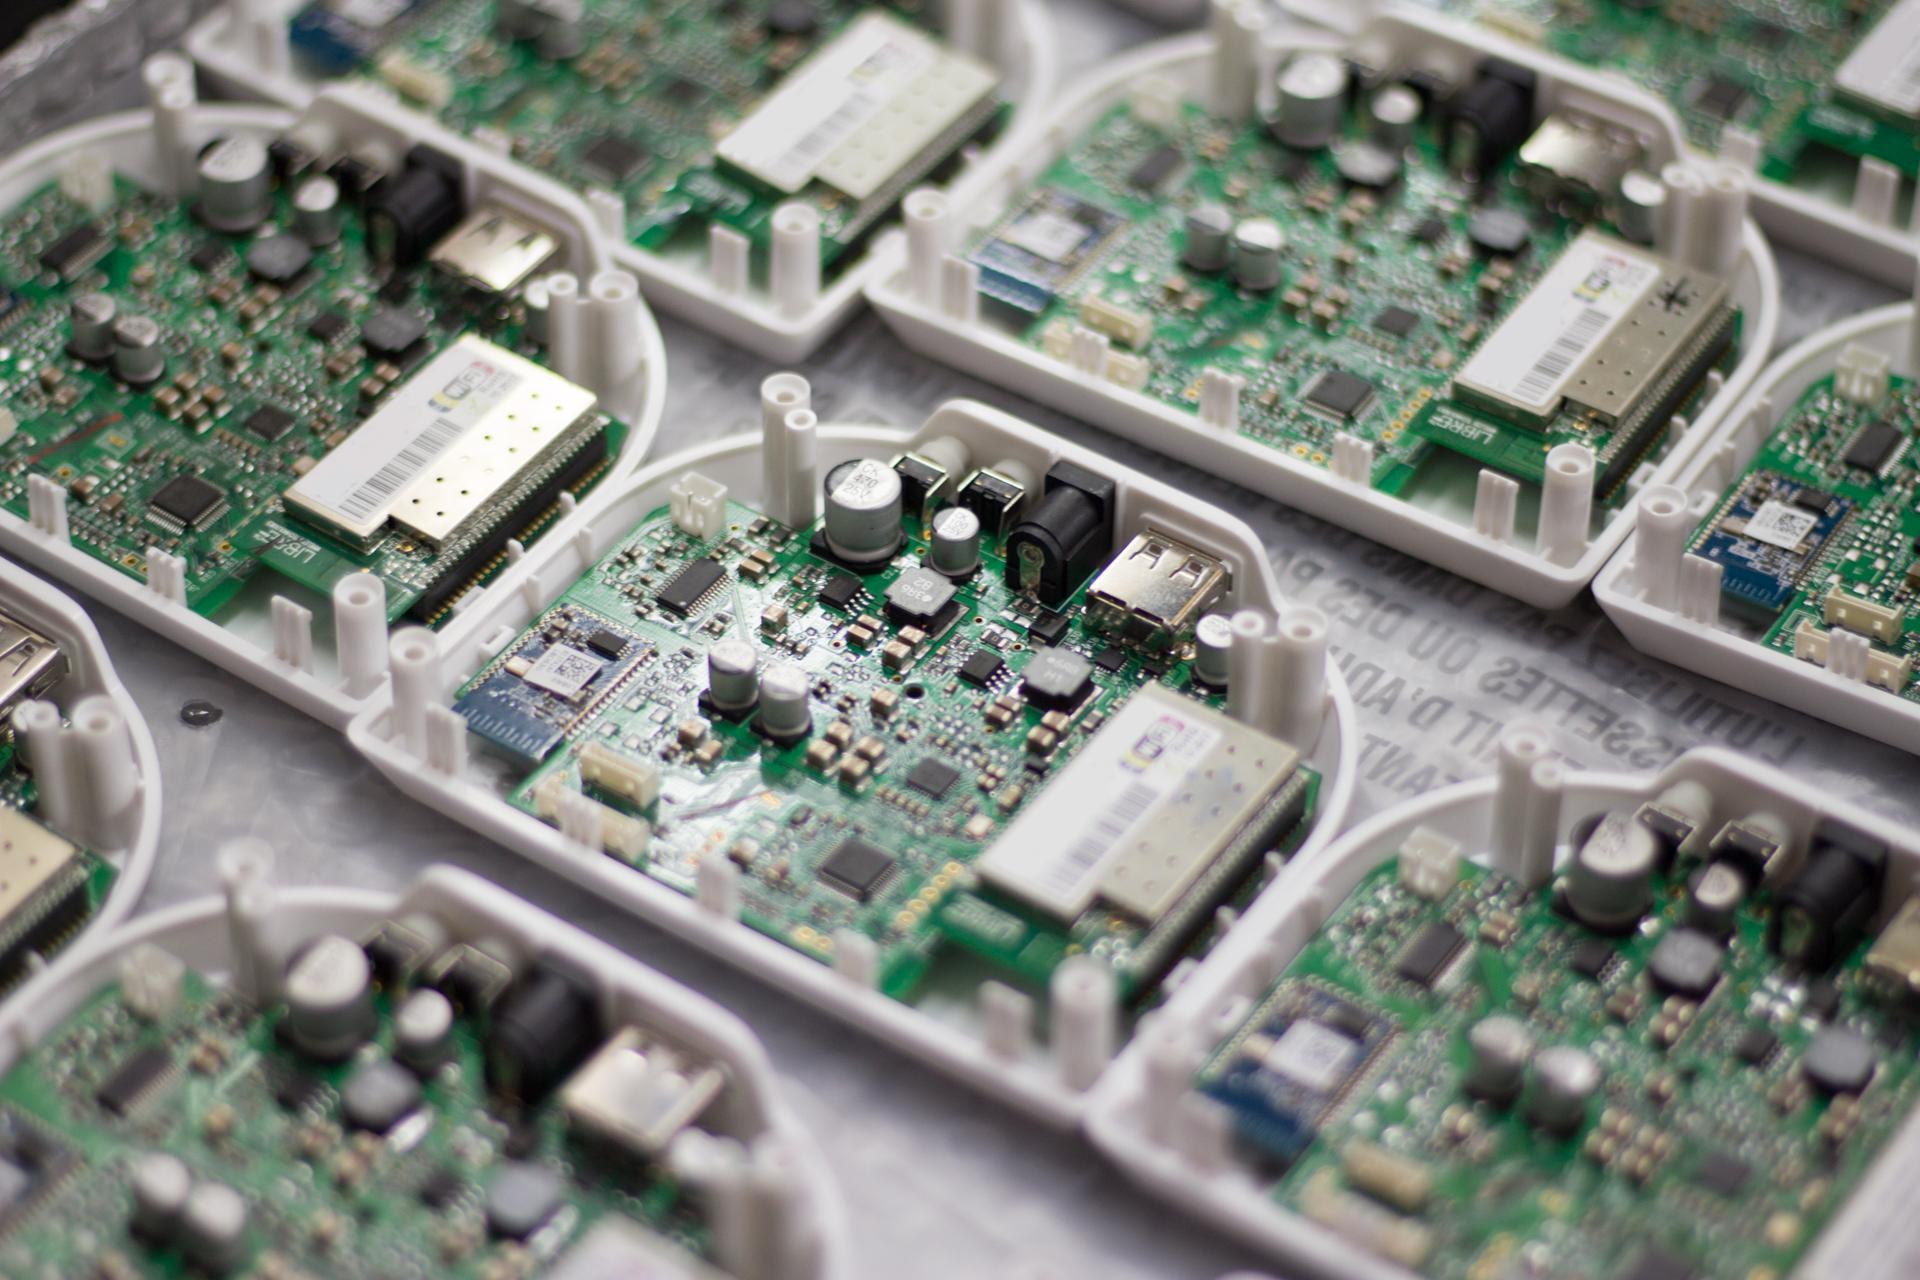 Kello motherboards